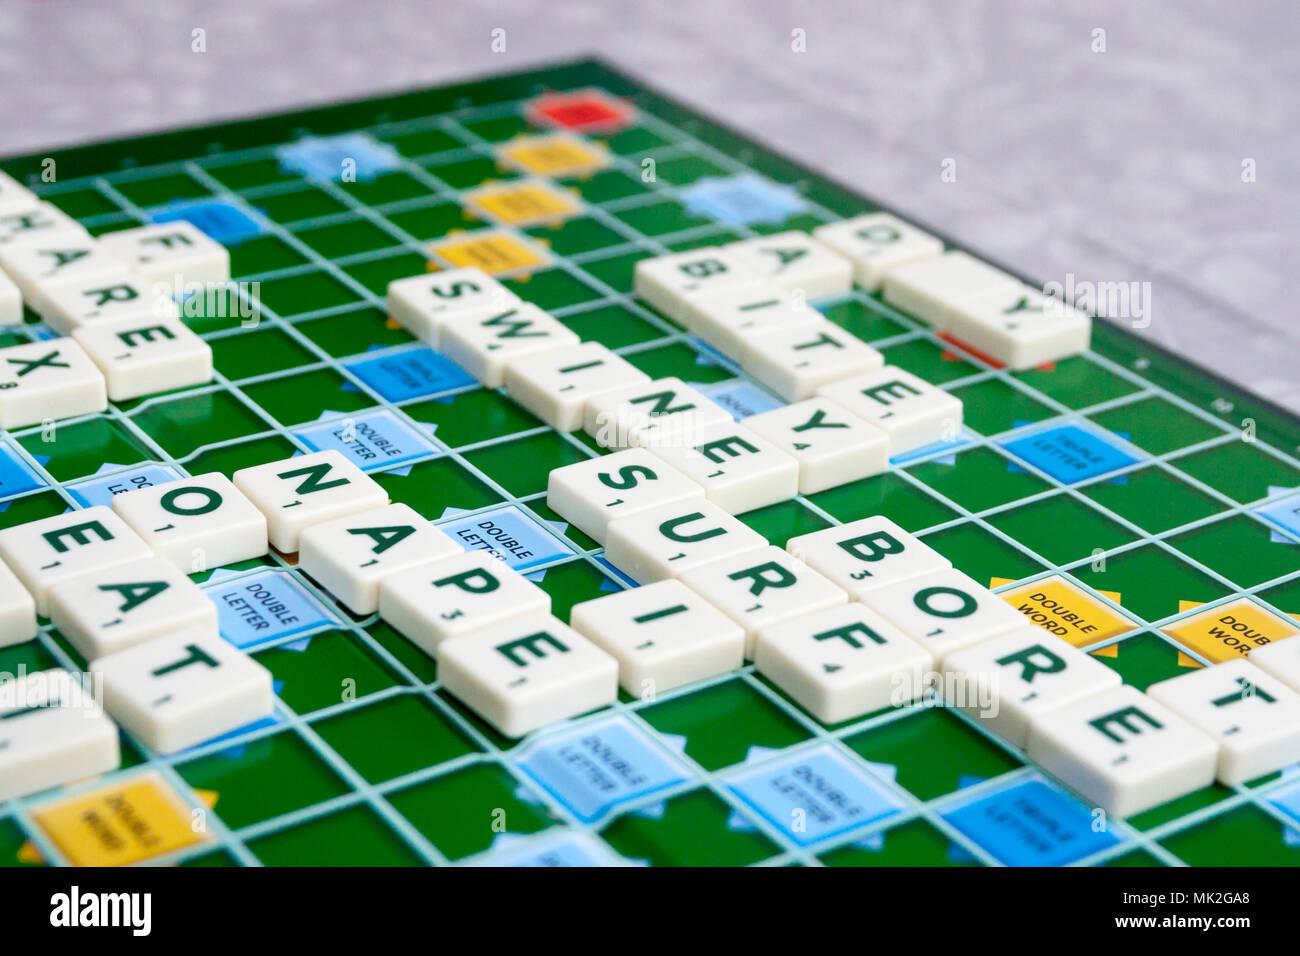 Los Ninos Los Ninos De La Familia Juego De Tablero Scrabble Juego